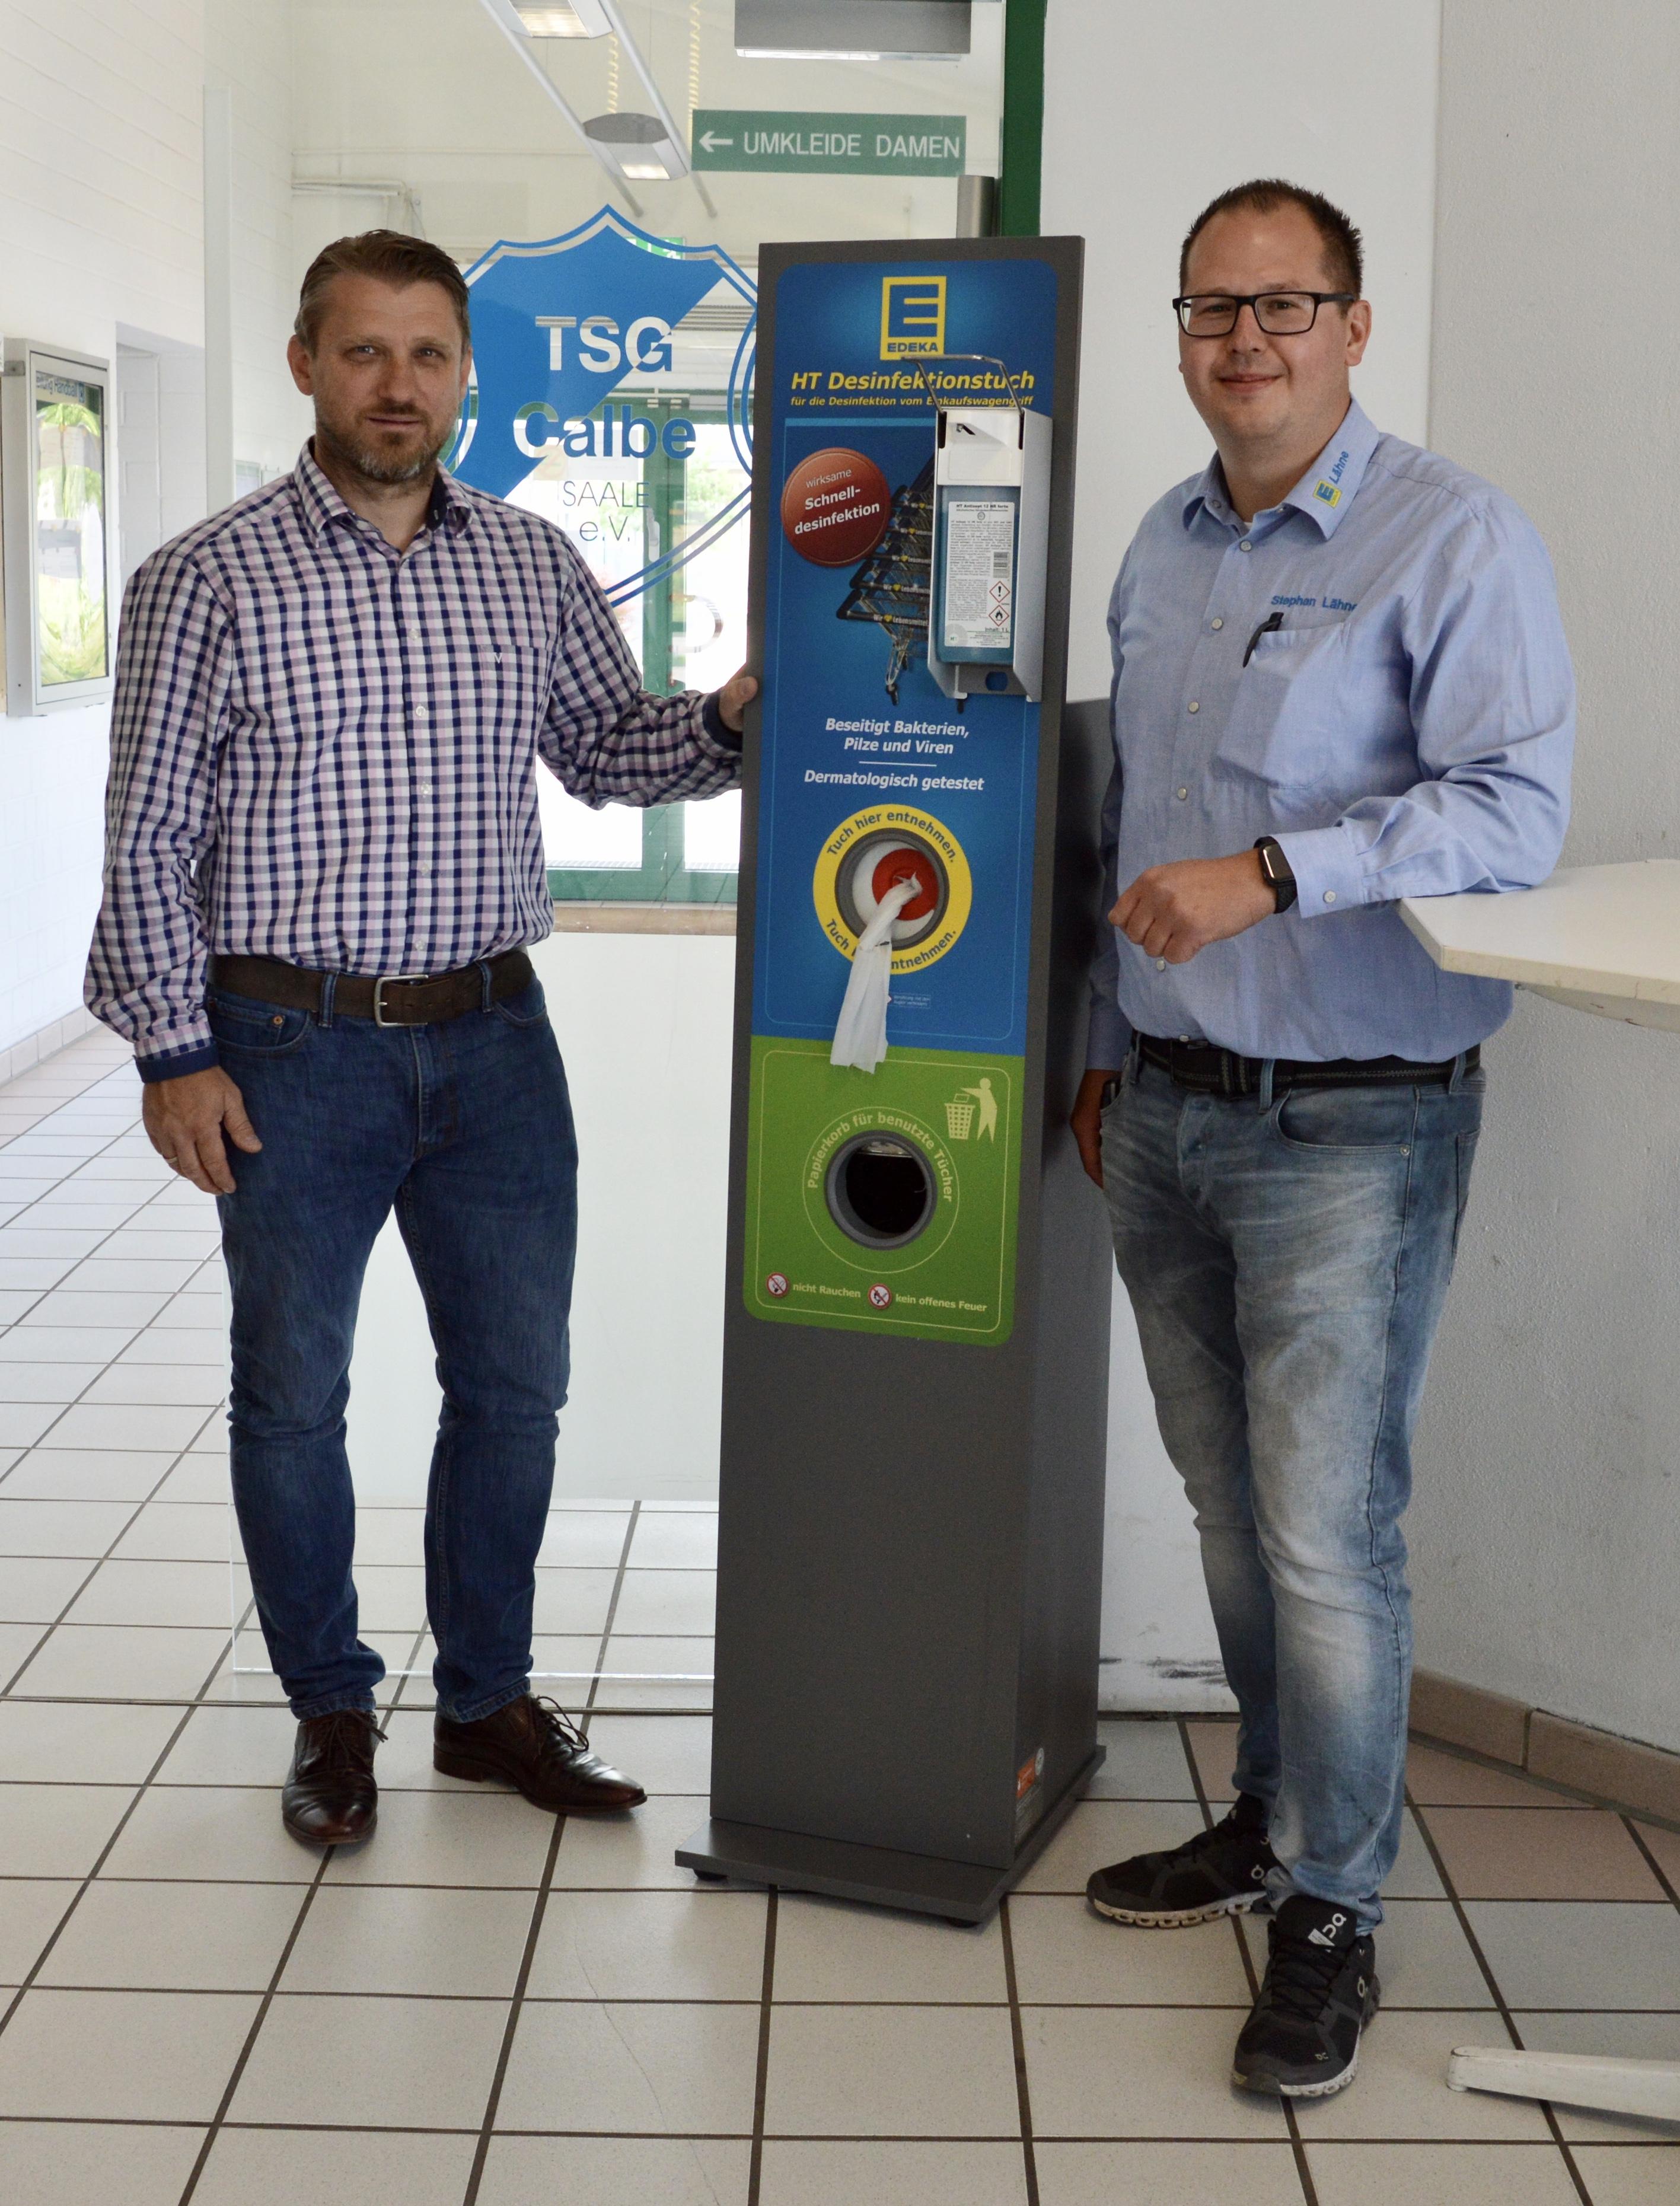 Stephan Lähne, Marktinhaber des EDEKA-Marktes in Calbe und Bürgermeister Sven Hause bei der Aufstellung und Inbetriebnahme der Hygienestation in der Hegersporthalle Calbe.